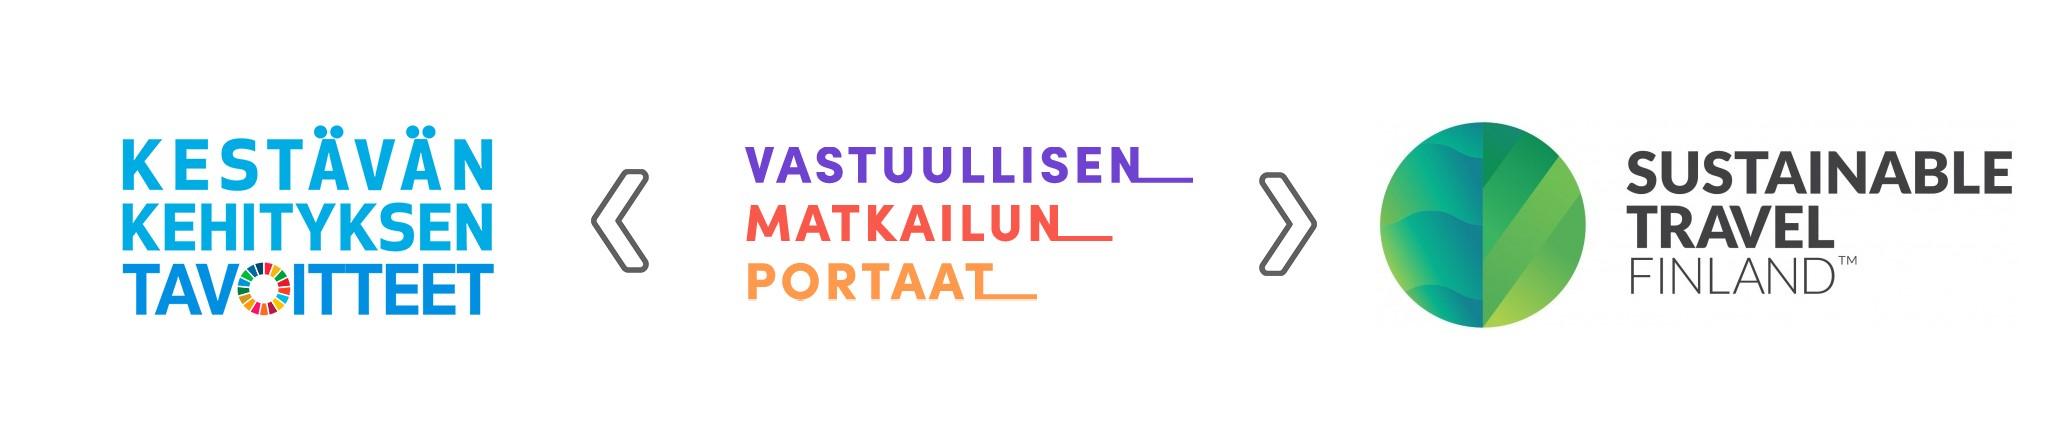 Kestävän kehityksen tavoitteiden, Sustainable Travel Finland -ohjelman sekä Vastuullisen matkailun portaat -koulutuksen logot. Kuvassa näkyy, että Vastuullisen matkailun portaat -koulutus liittyy kestävän kehityksen tavoitteisiin ja Sustainable Travel Finland -ohjelmaan.